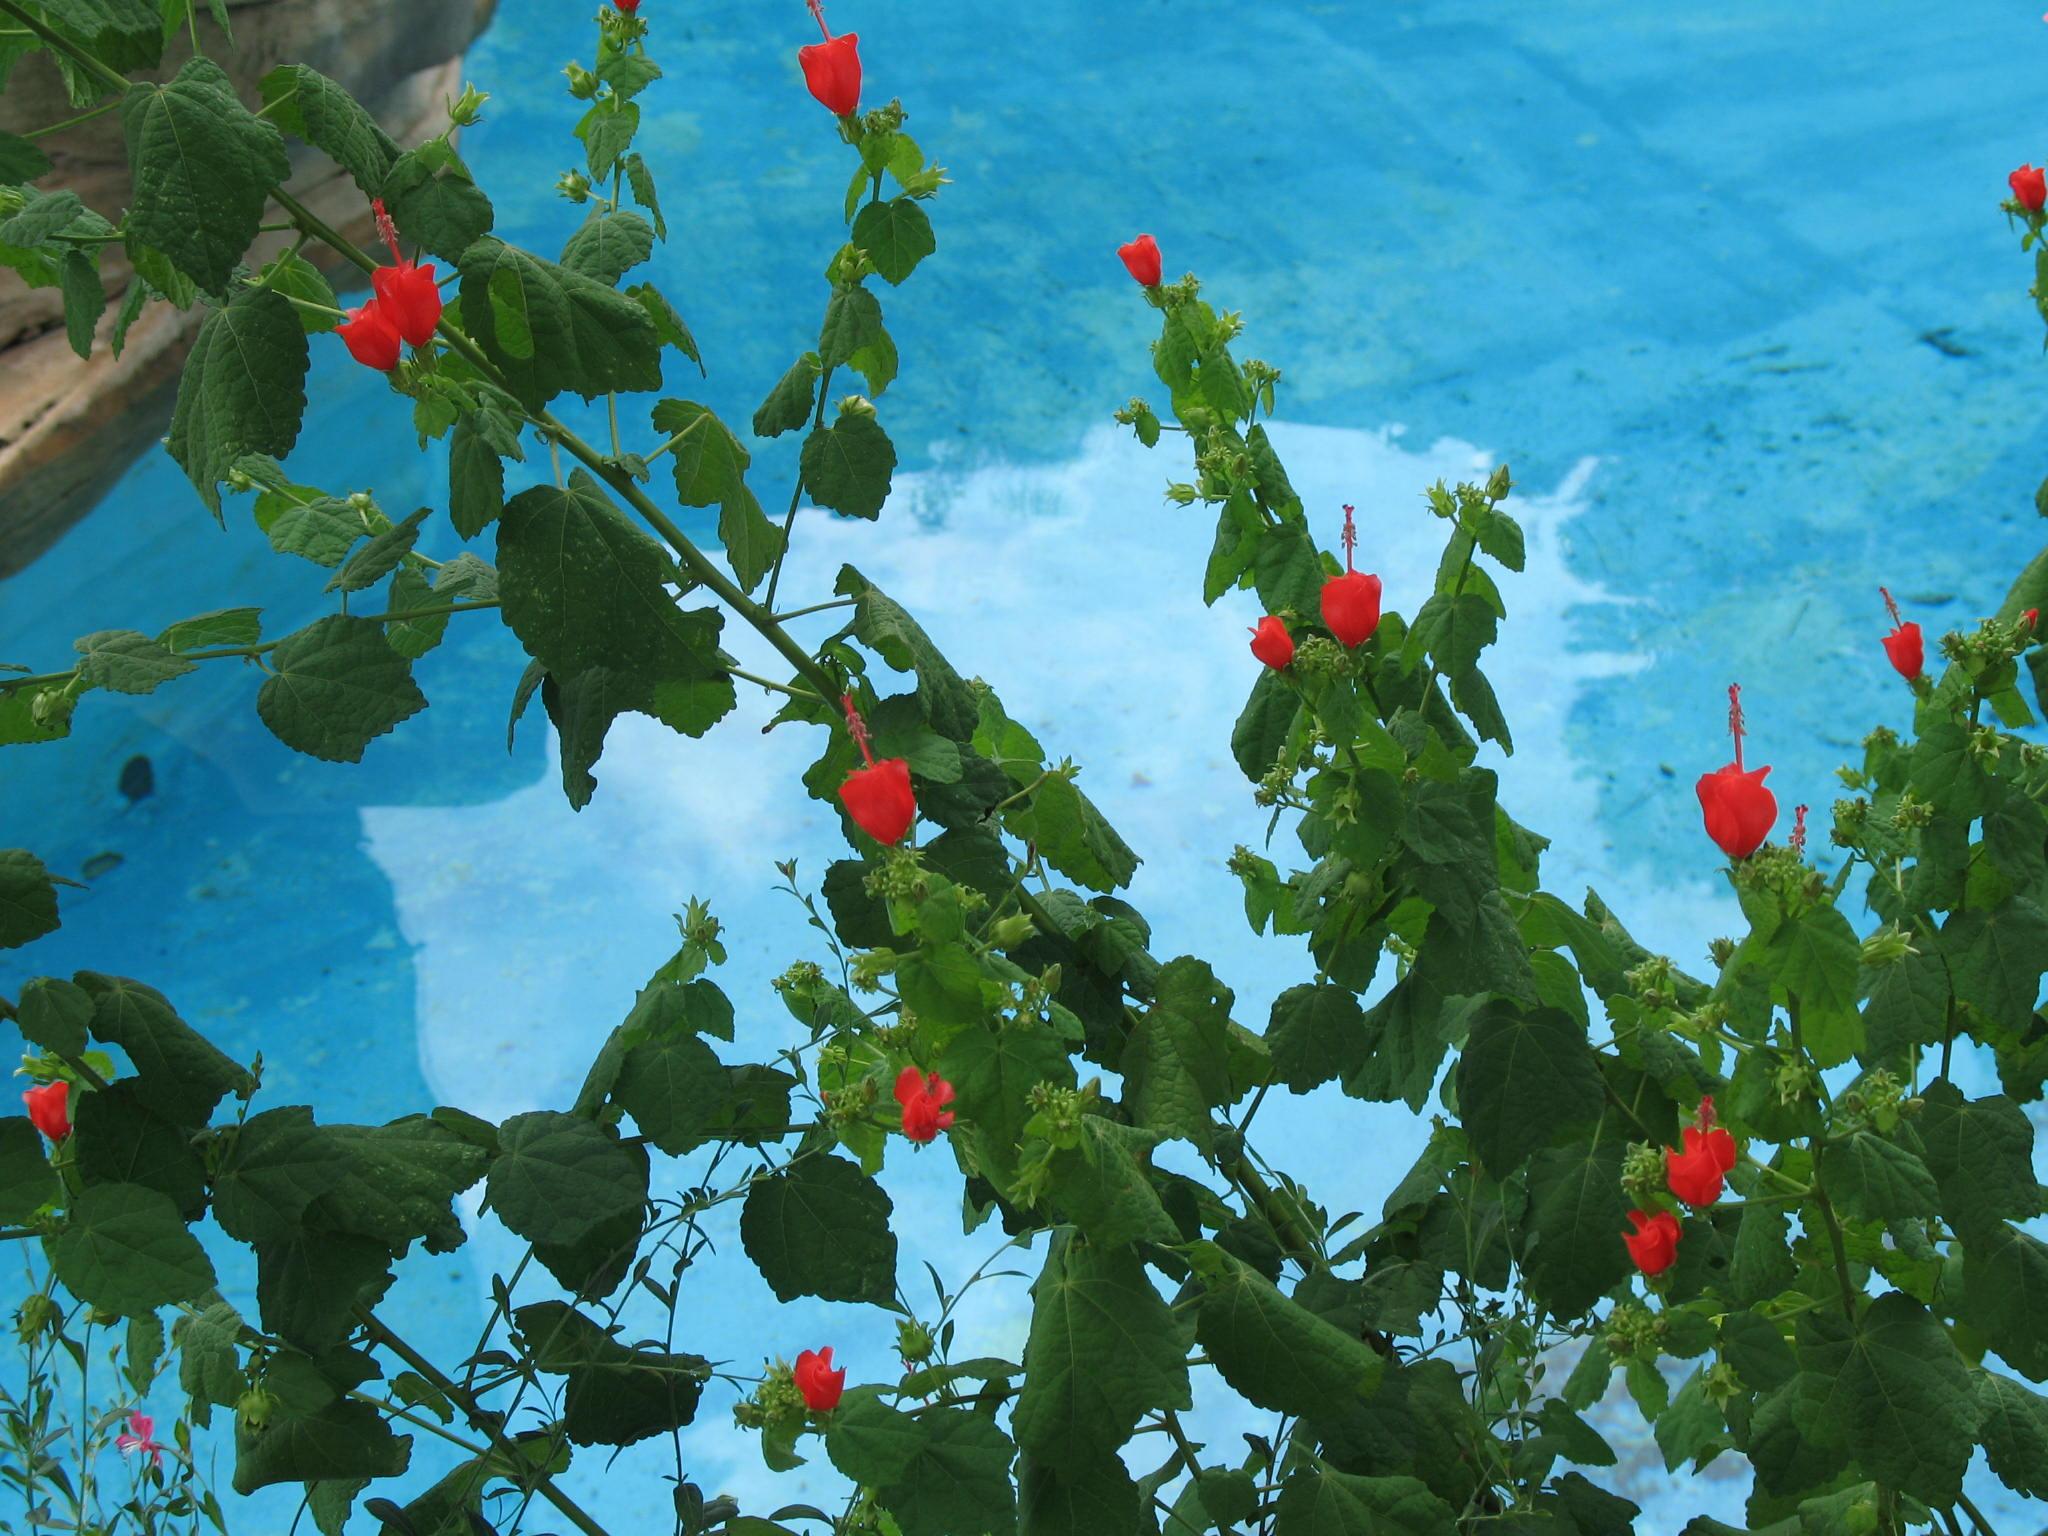 Malvaviscus arboreus var. drummondii  / Malvaviscus arboreus var. drummondii